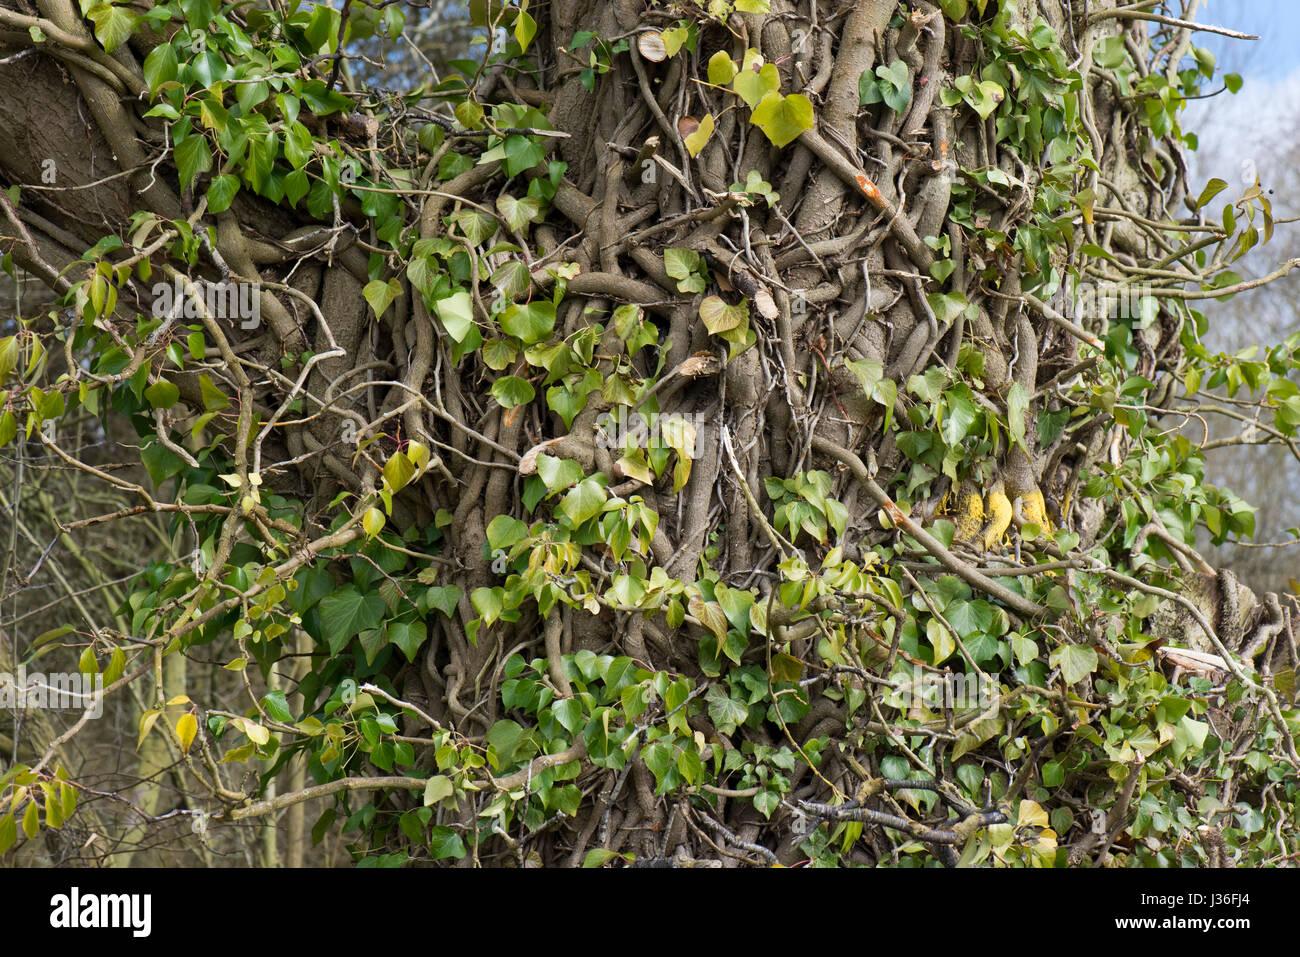 Antica e consolidata comune, edera Hedera helix, ritorcitura e intrecciato attorno al fusto di un albero con le foglie parzialmente rimosso per mostrare la Foto Stock